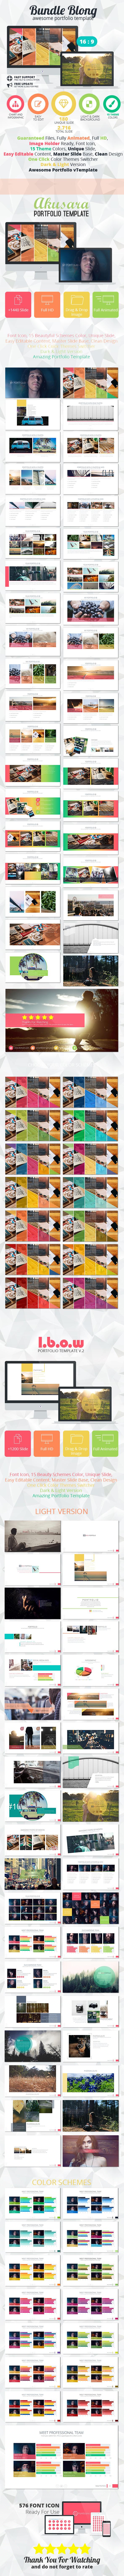 Bundle Blong - Portfolio Template - Creative PowerPoint Templates